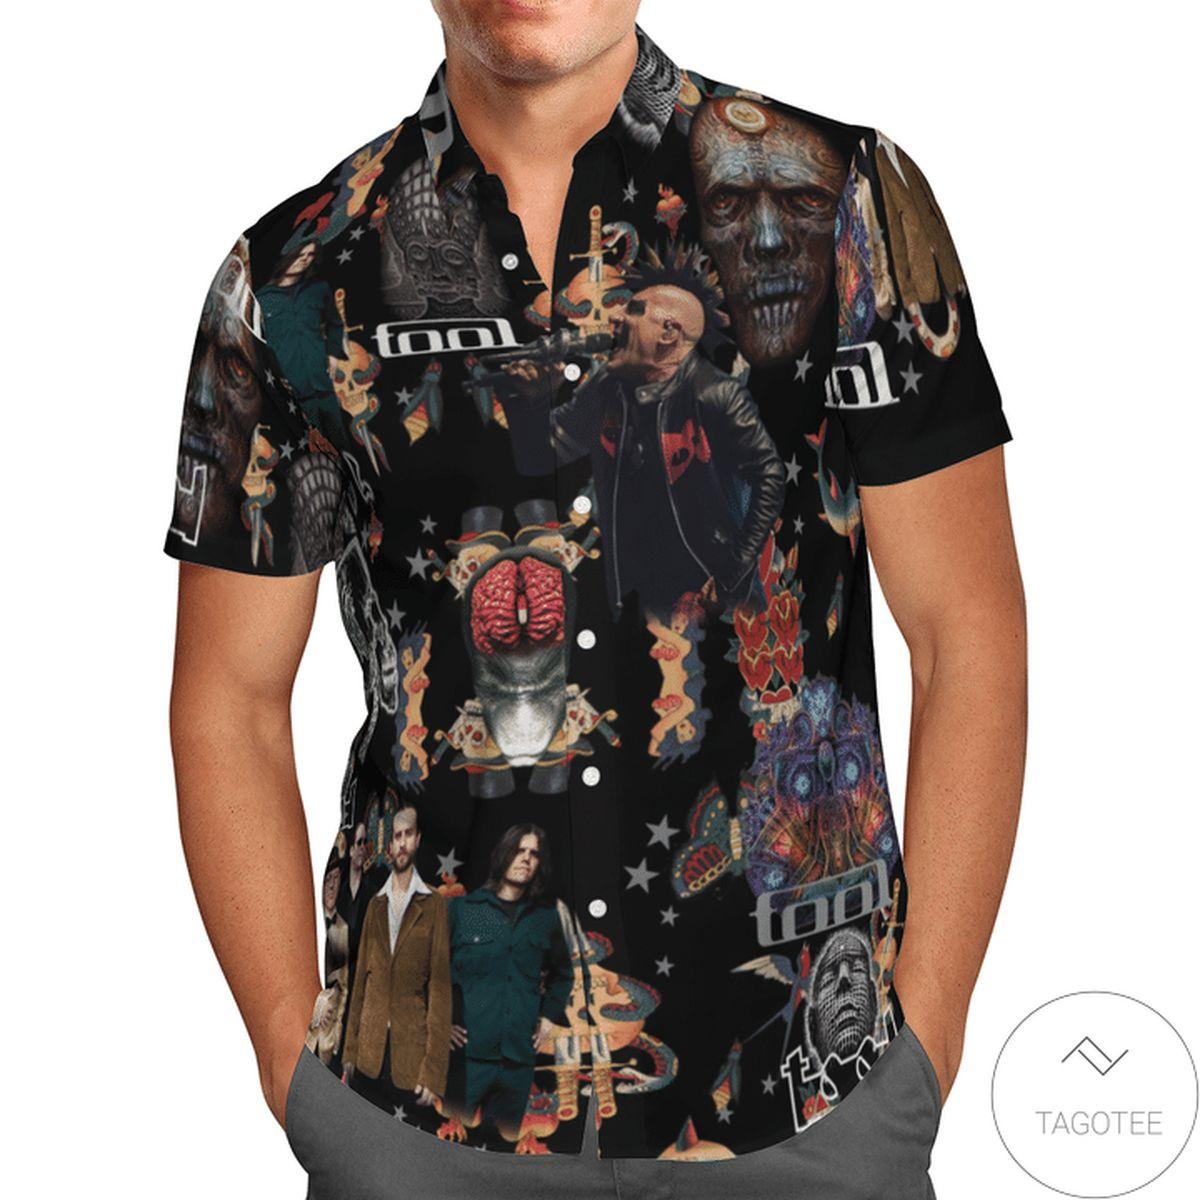 Hot Tool Band Nv Vintage Hawaiian Shirt